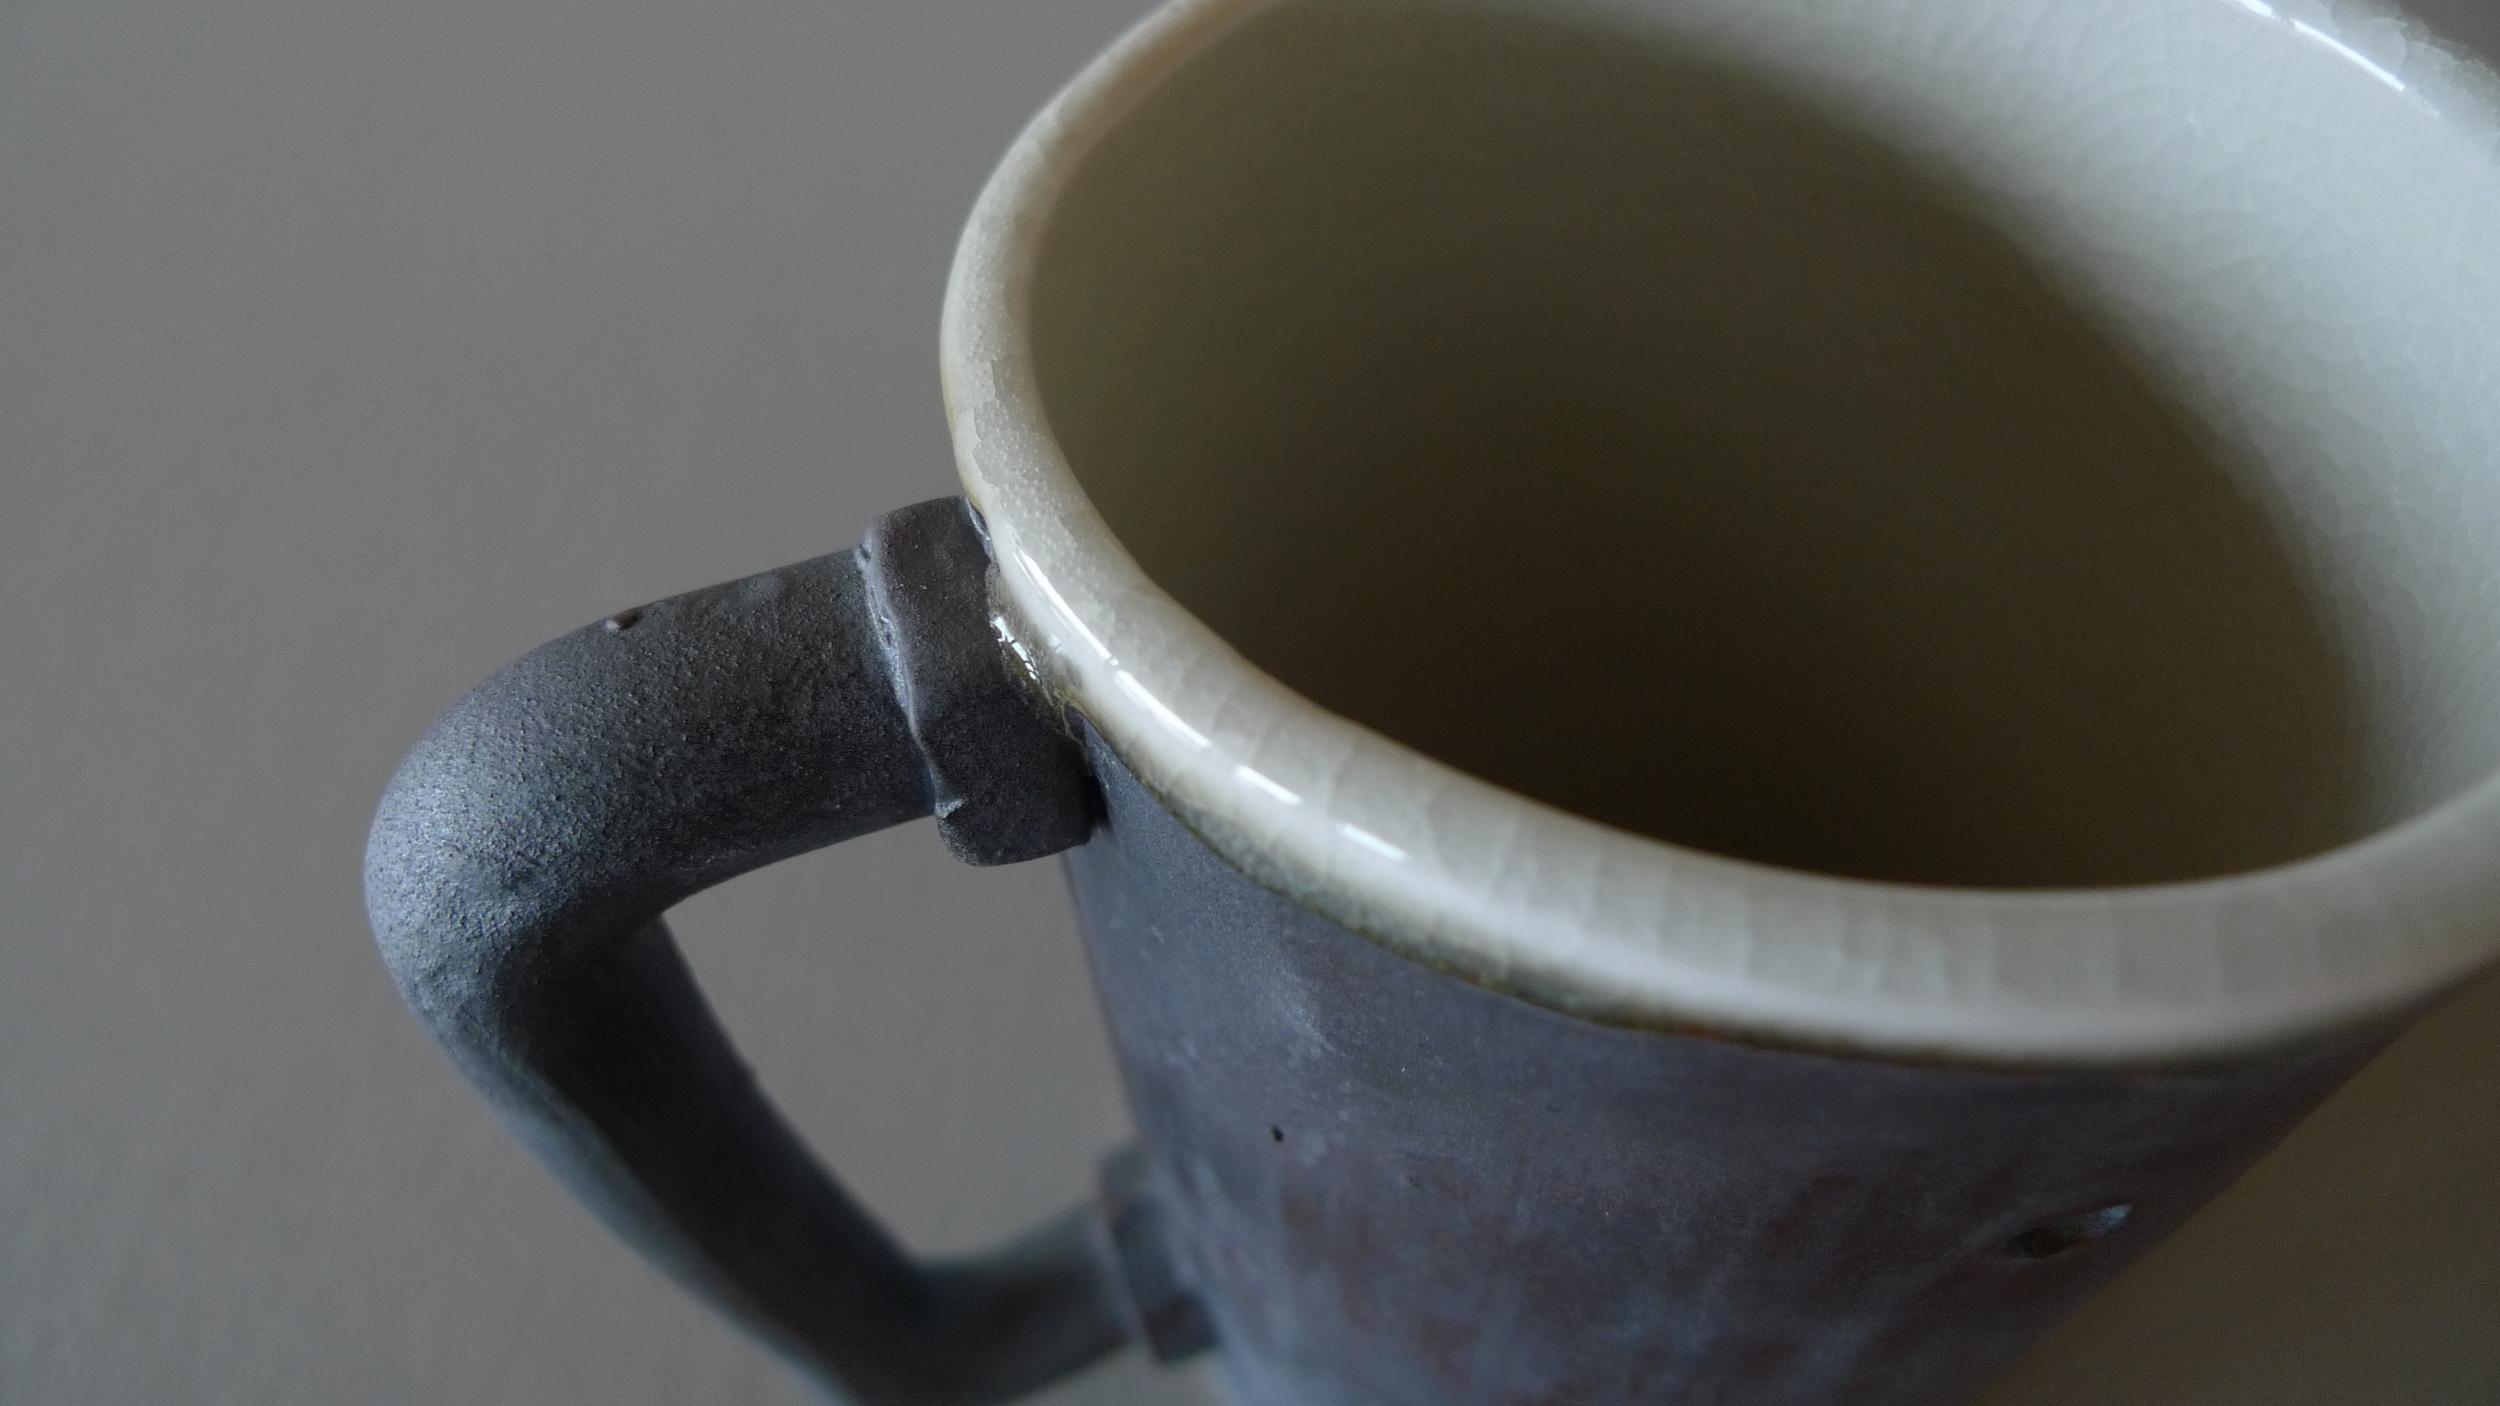 Detail of mug by Michael Schwegmann